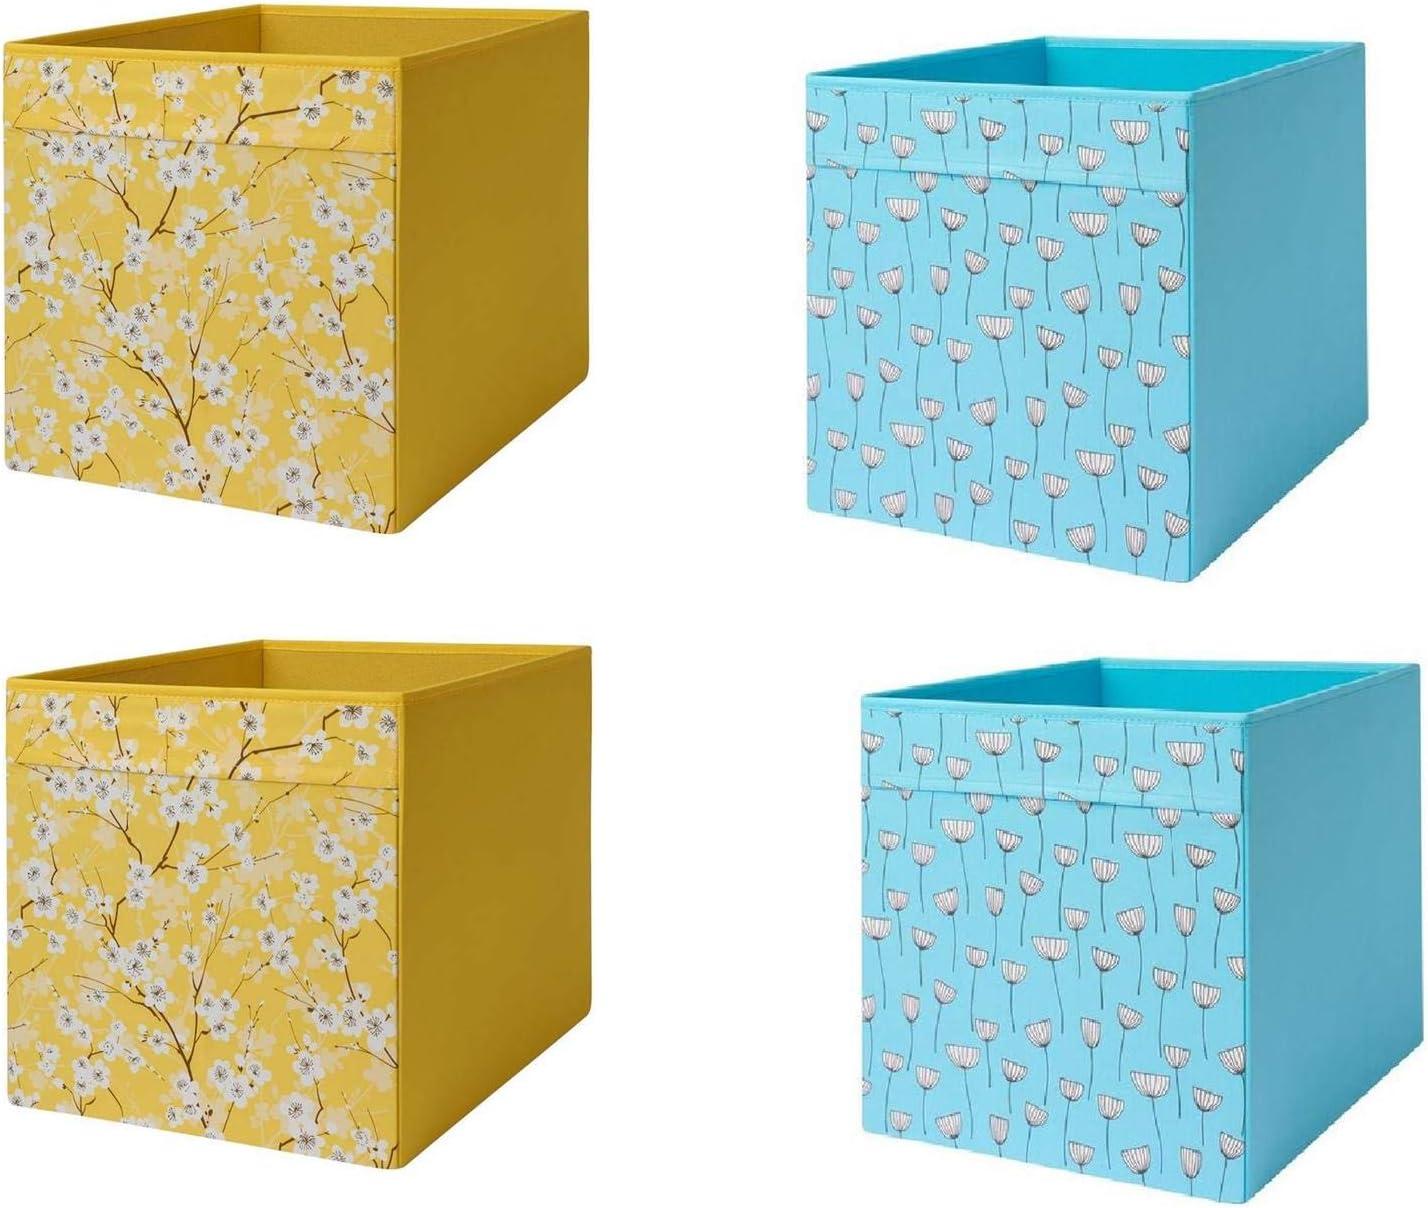 IKEA Drona Box - Caja para drona (2 unidades), diseño floral, color azul y amarillo: Amazon.es: Hogar